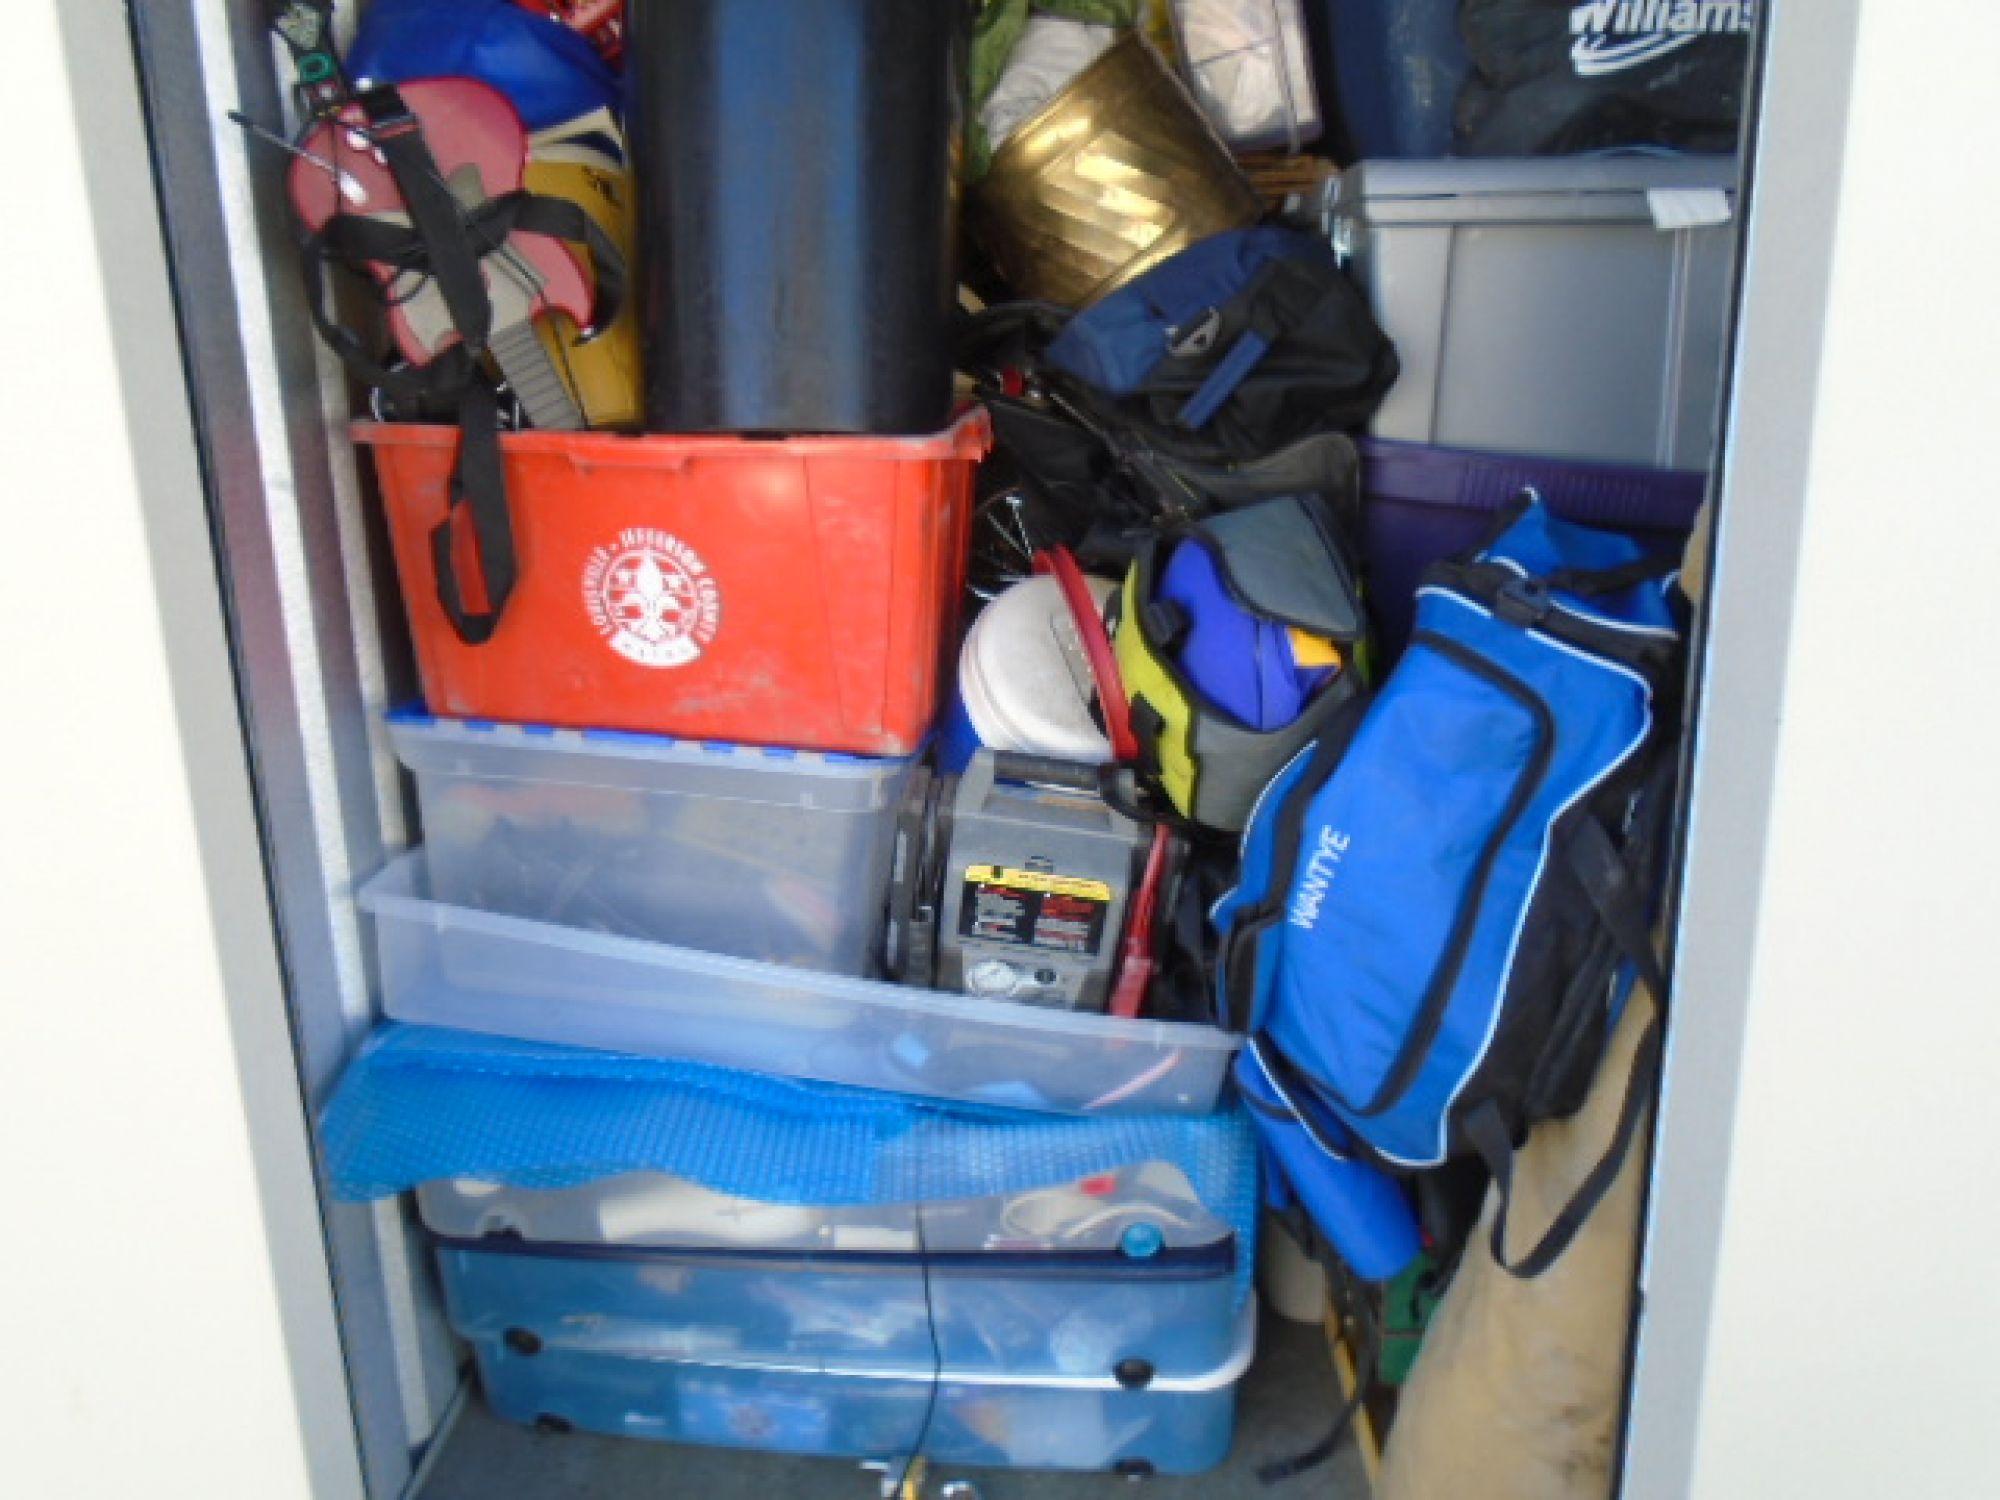 Storage Unit Auction 538951 Louisville Ky & Storage Unit Auctions Louisville Ky - Listitdallas